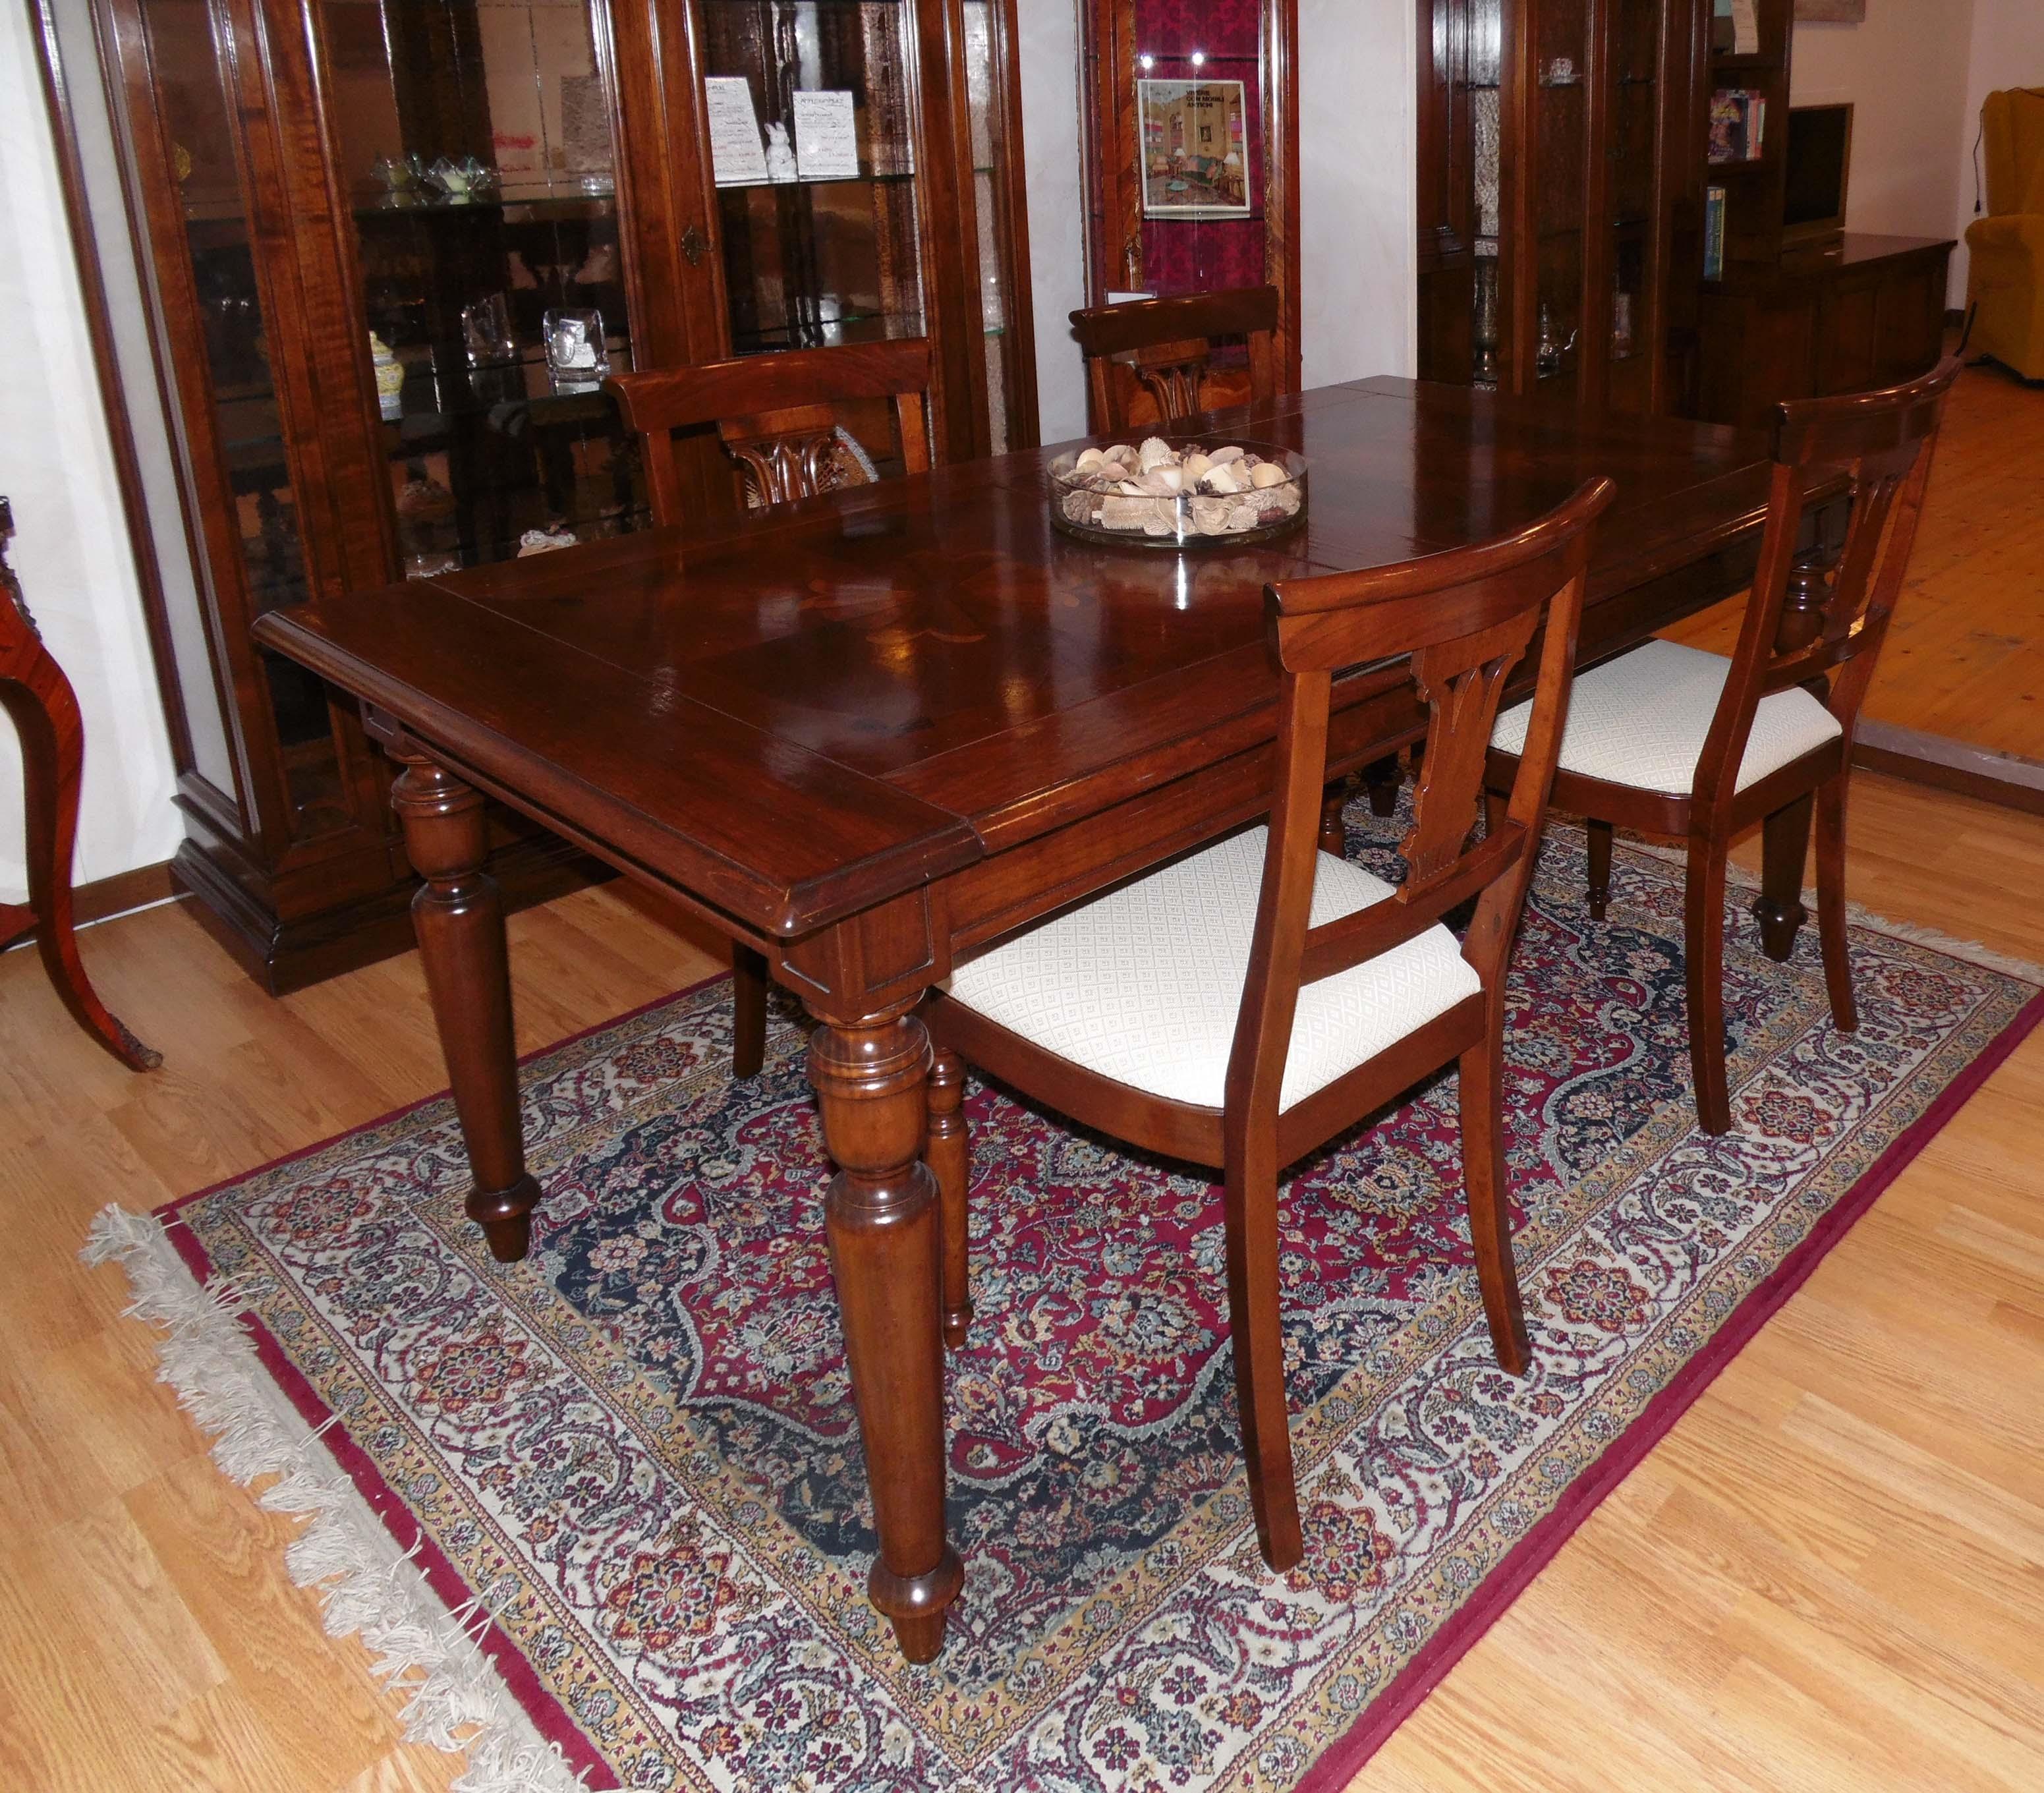 Offerte tavoli e sedie da cucina | Higrelays